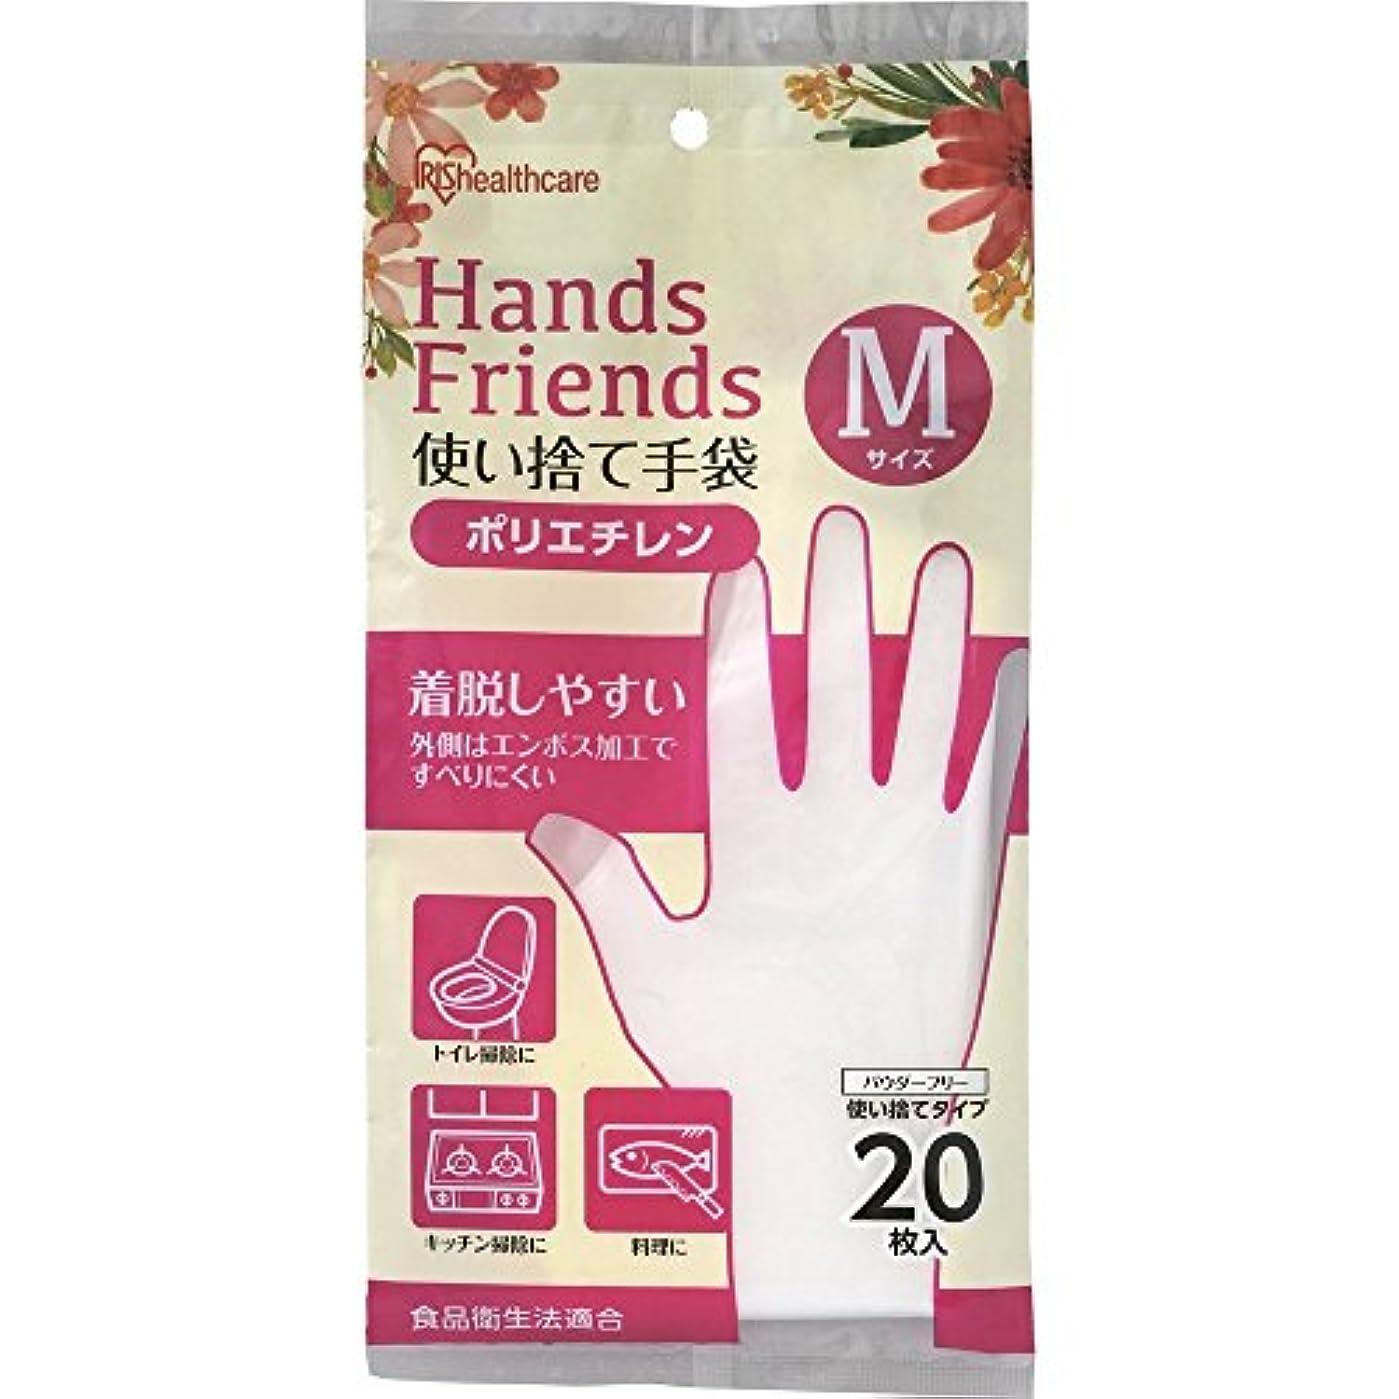 ドル幻影音節使い捨て手袋 ポリエチレン手袋 Mサイズ 粉なし パウダーフリー クリア 20枚入